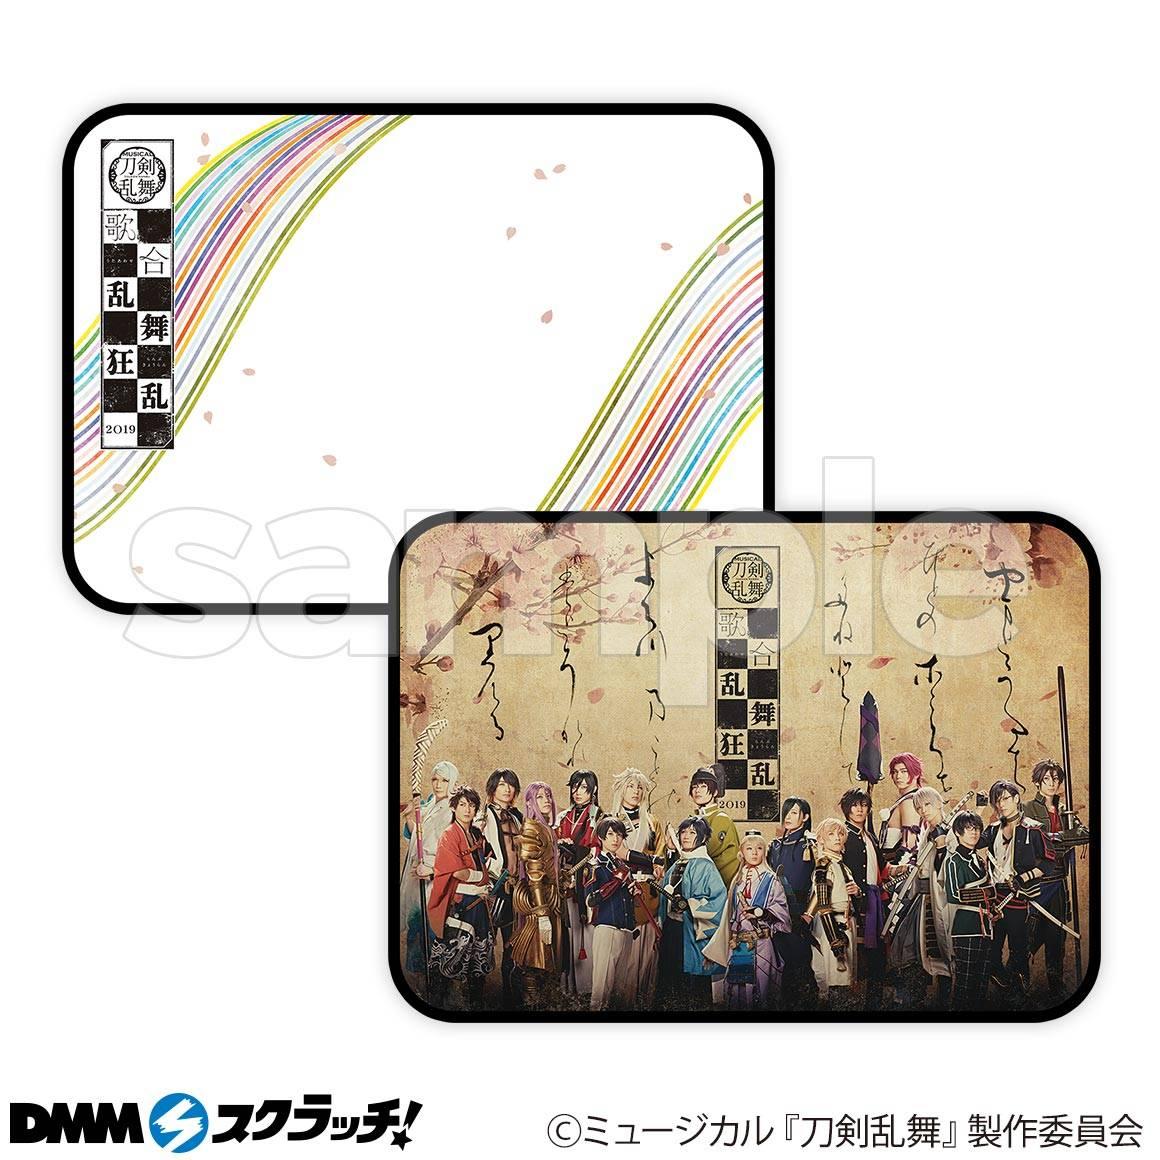 「ミュージカル『刀剣乱舞』 歌合 乱舞狂乱 2019スクラッチ」期間限定販売!新規ビジュアルも!4